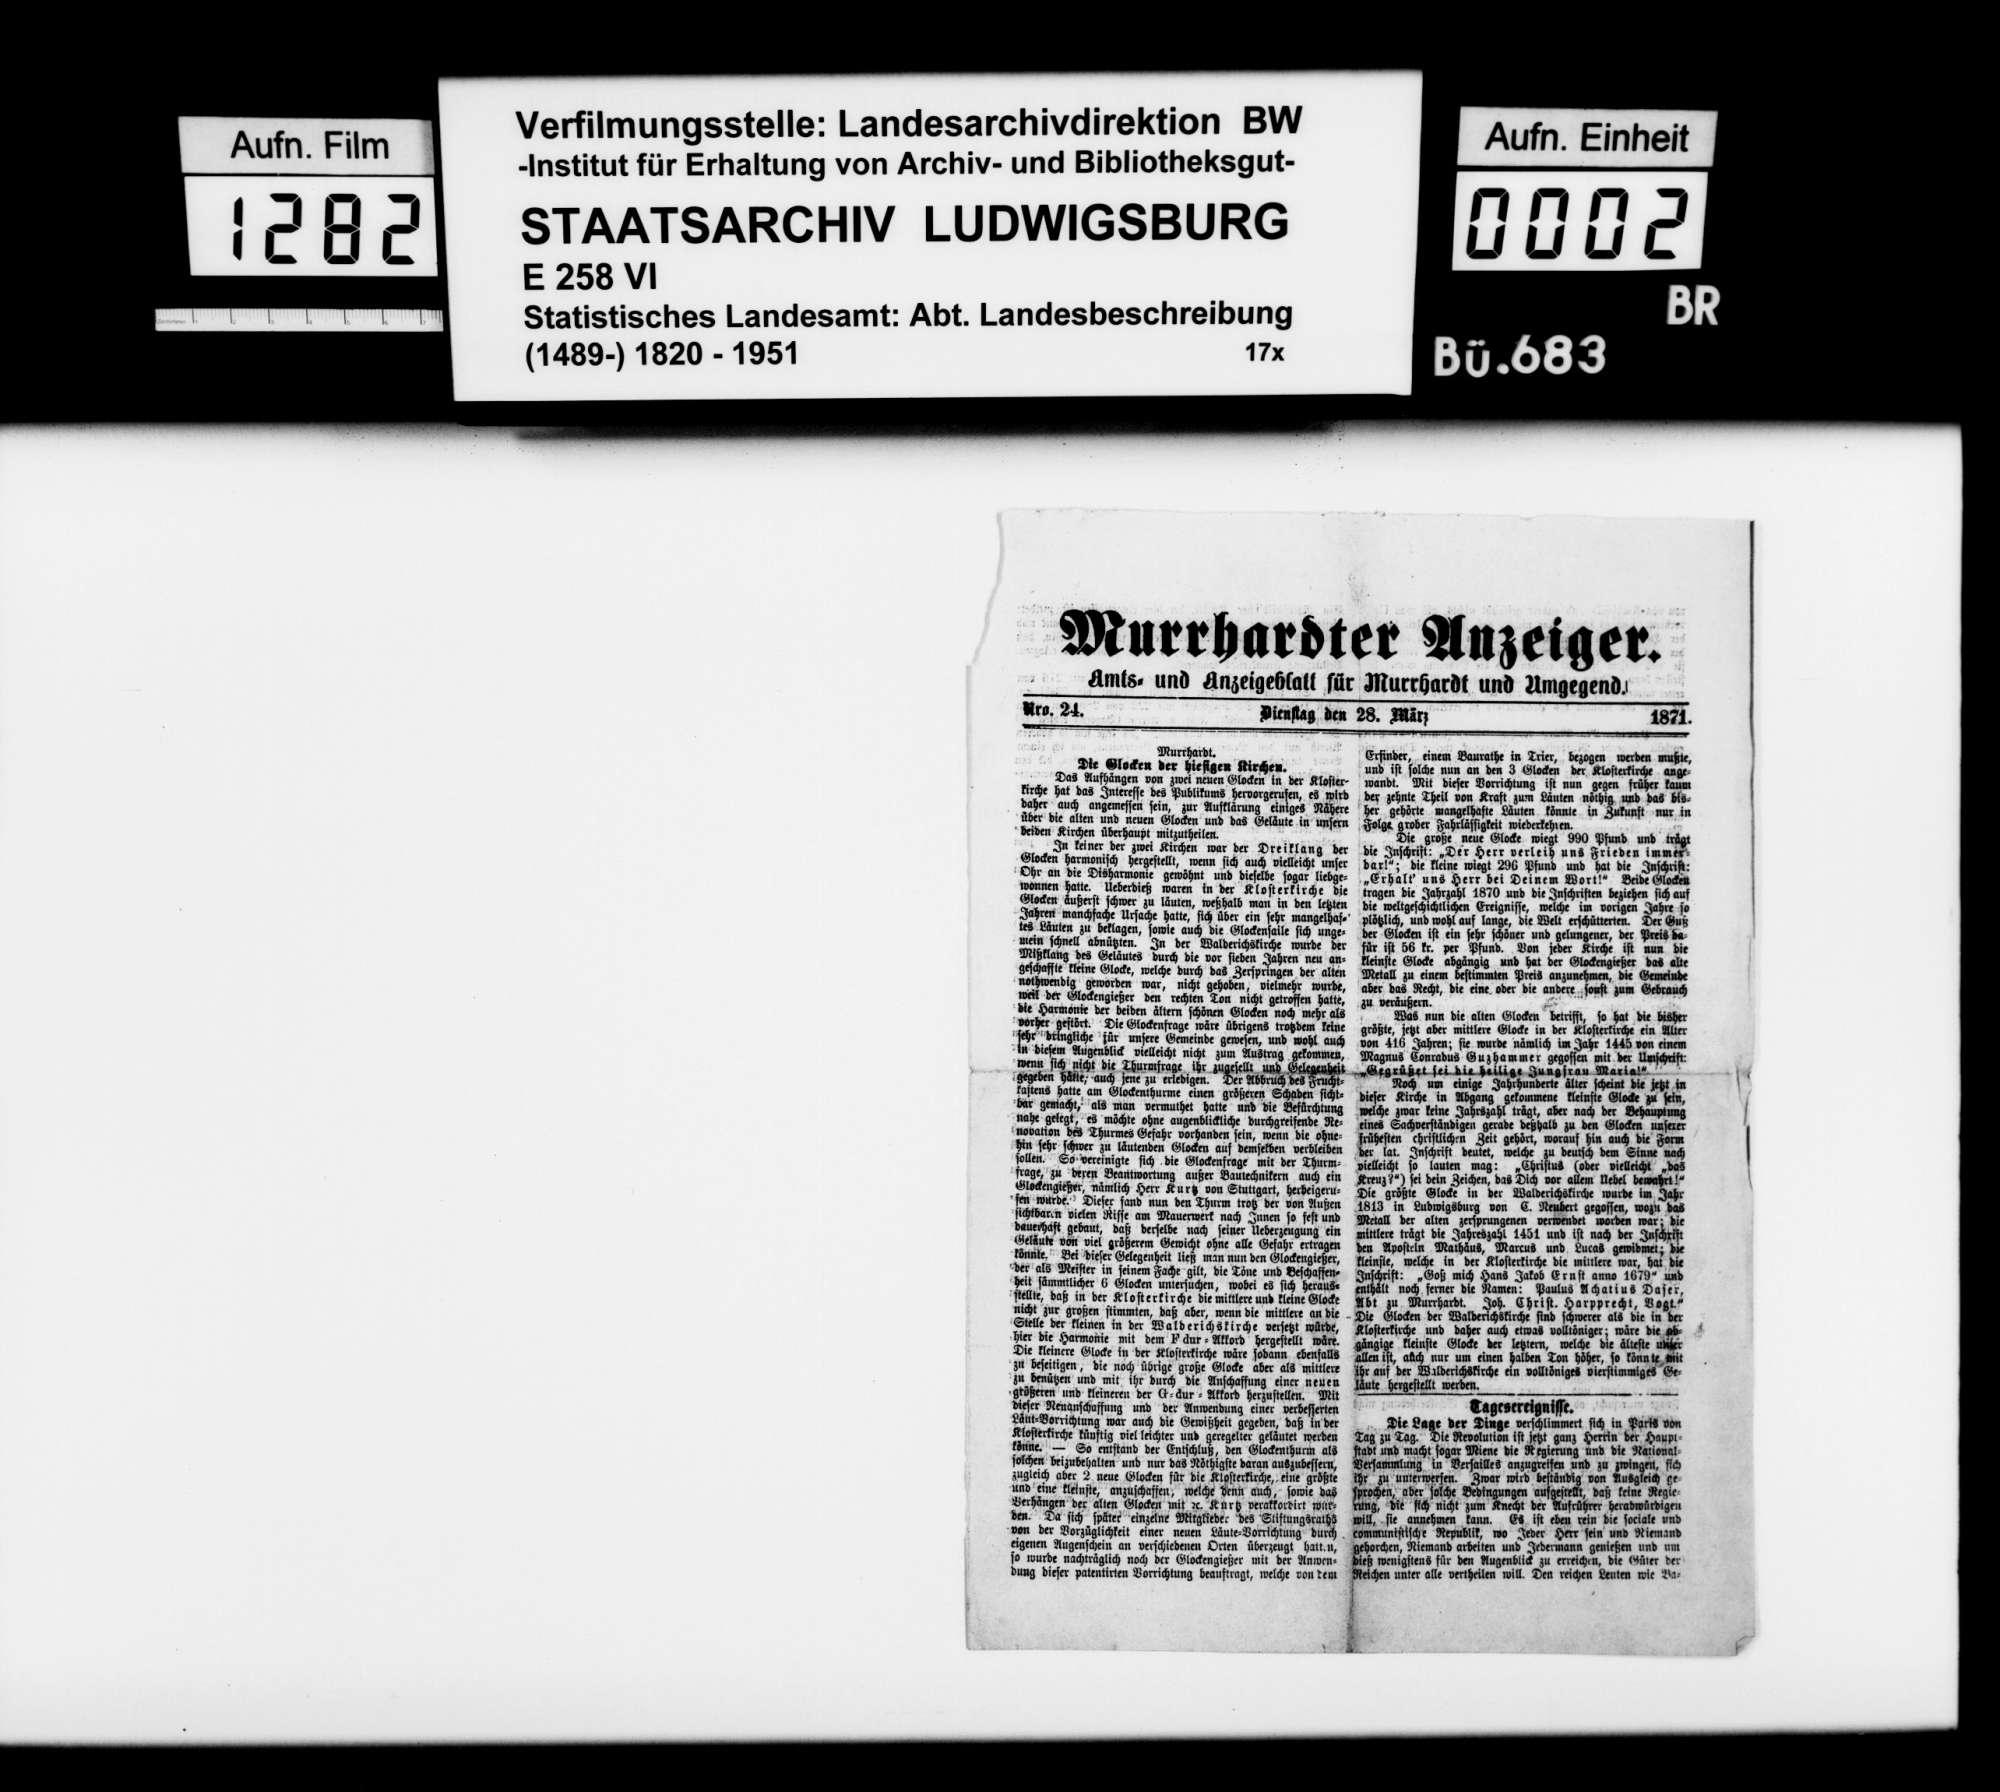 Murrhardter Anzeiger, 28. März 1871: Neue Glocken in der Klosterkirche Murrhardt, Bild 1